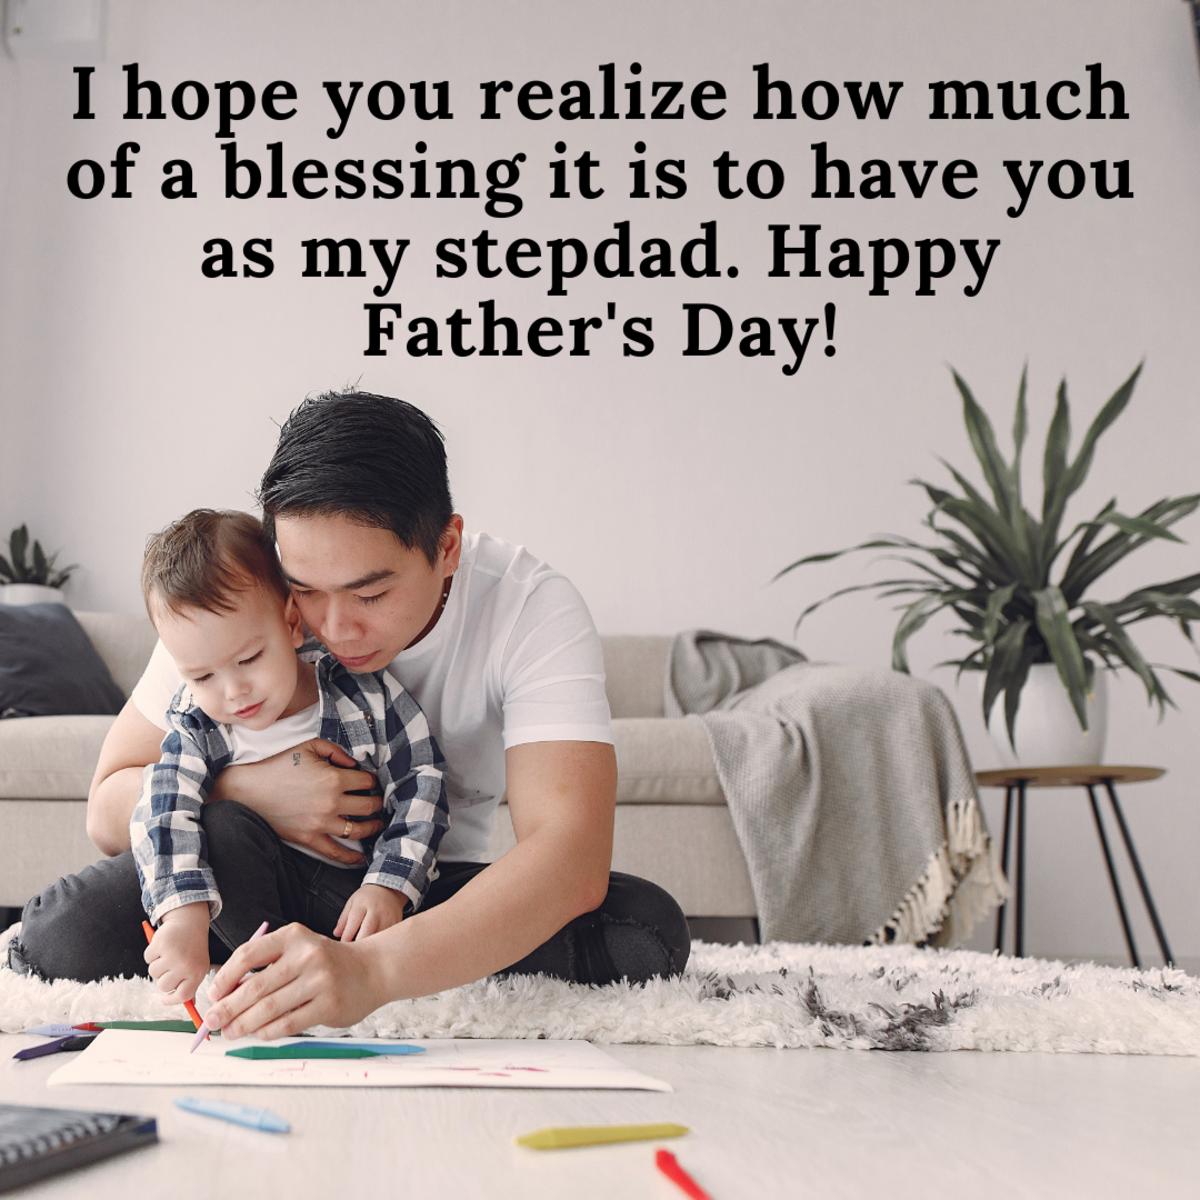 Stepdads deserve some recognition, too!